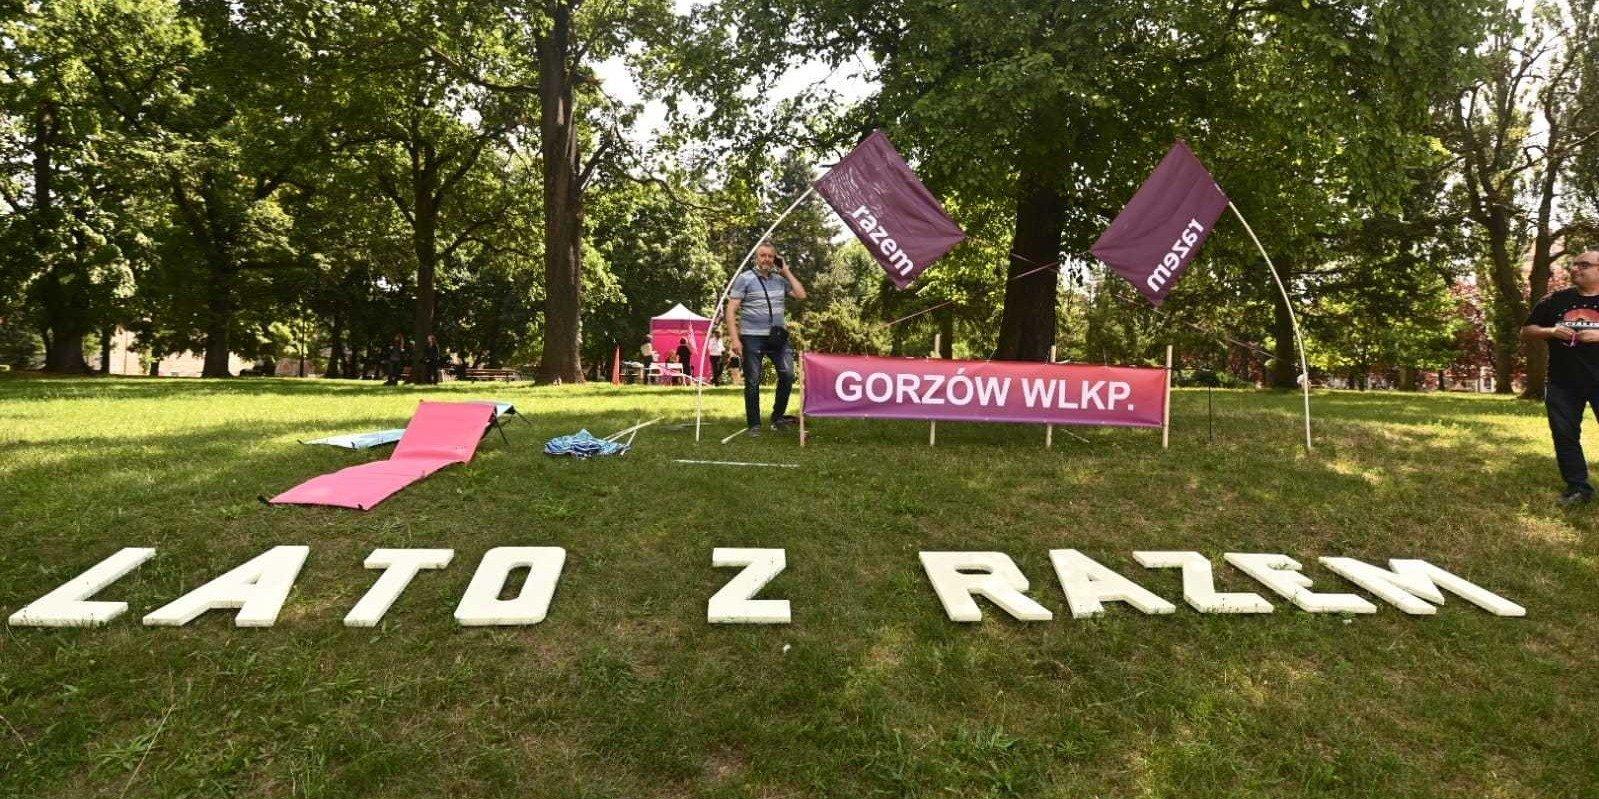 Zandberg w Gorzowie: Nie dajmy cofnąć polskiej szkoły do średniowiecza